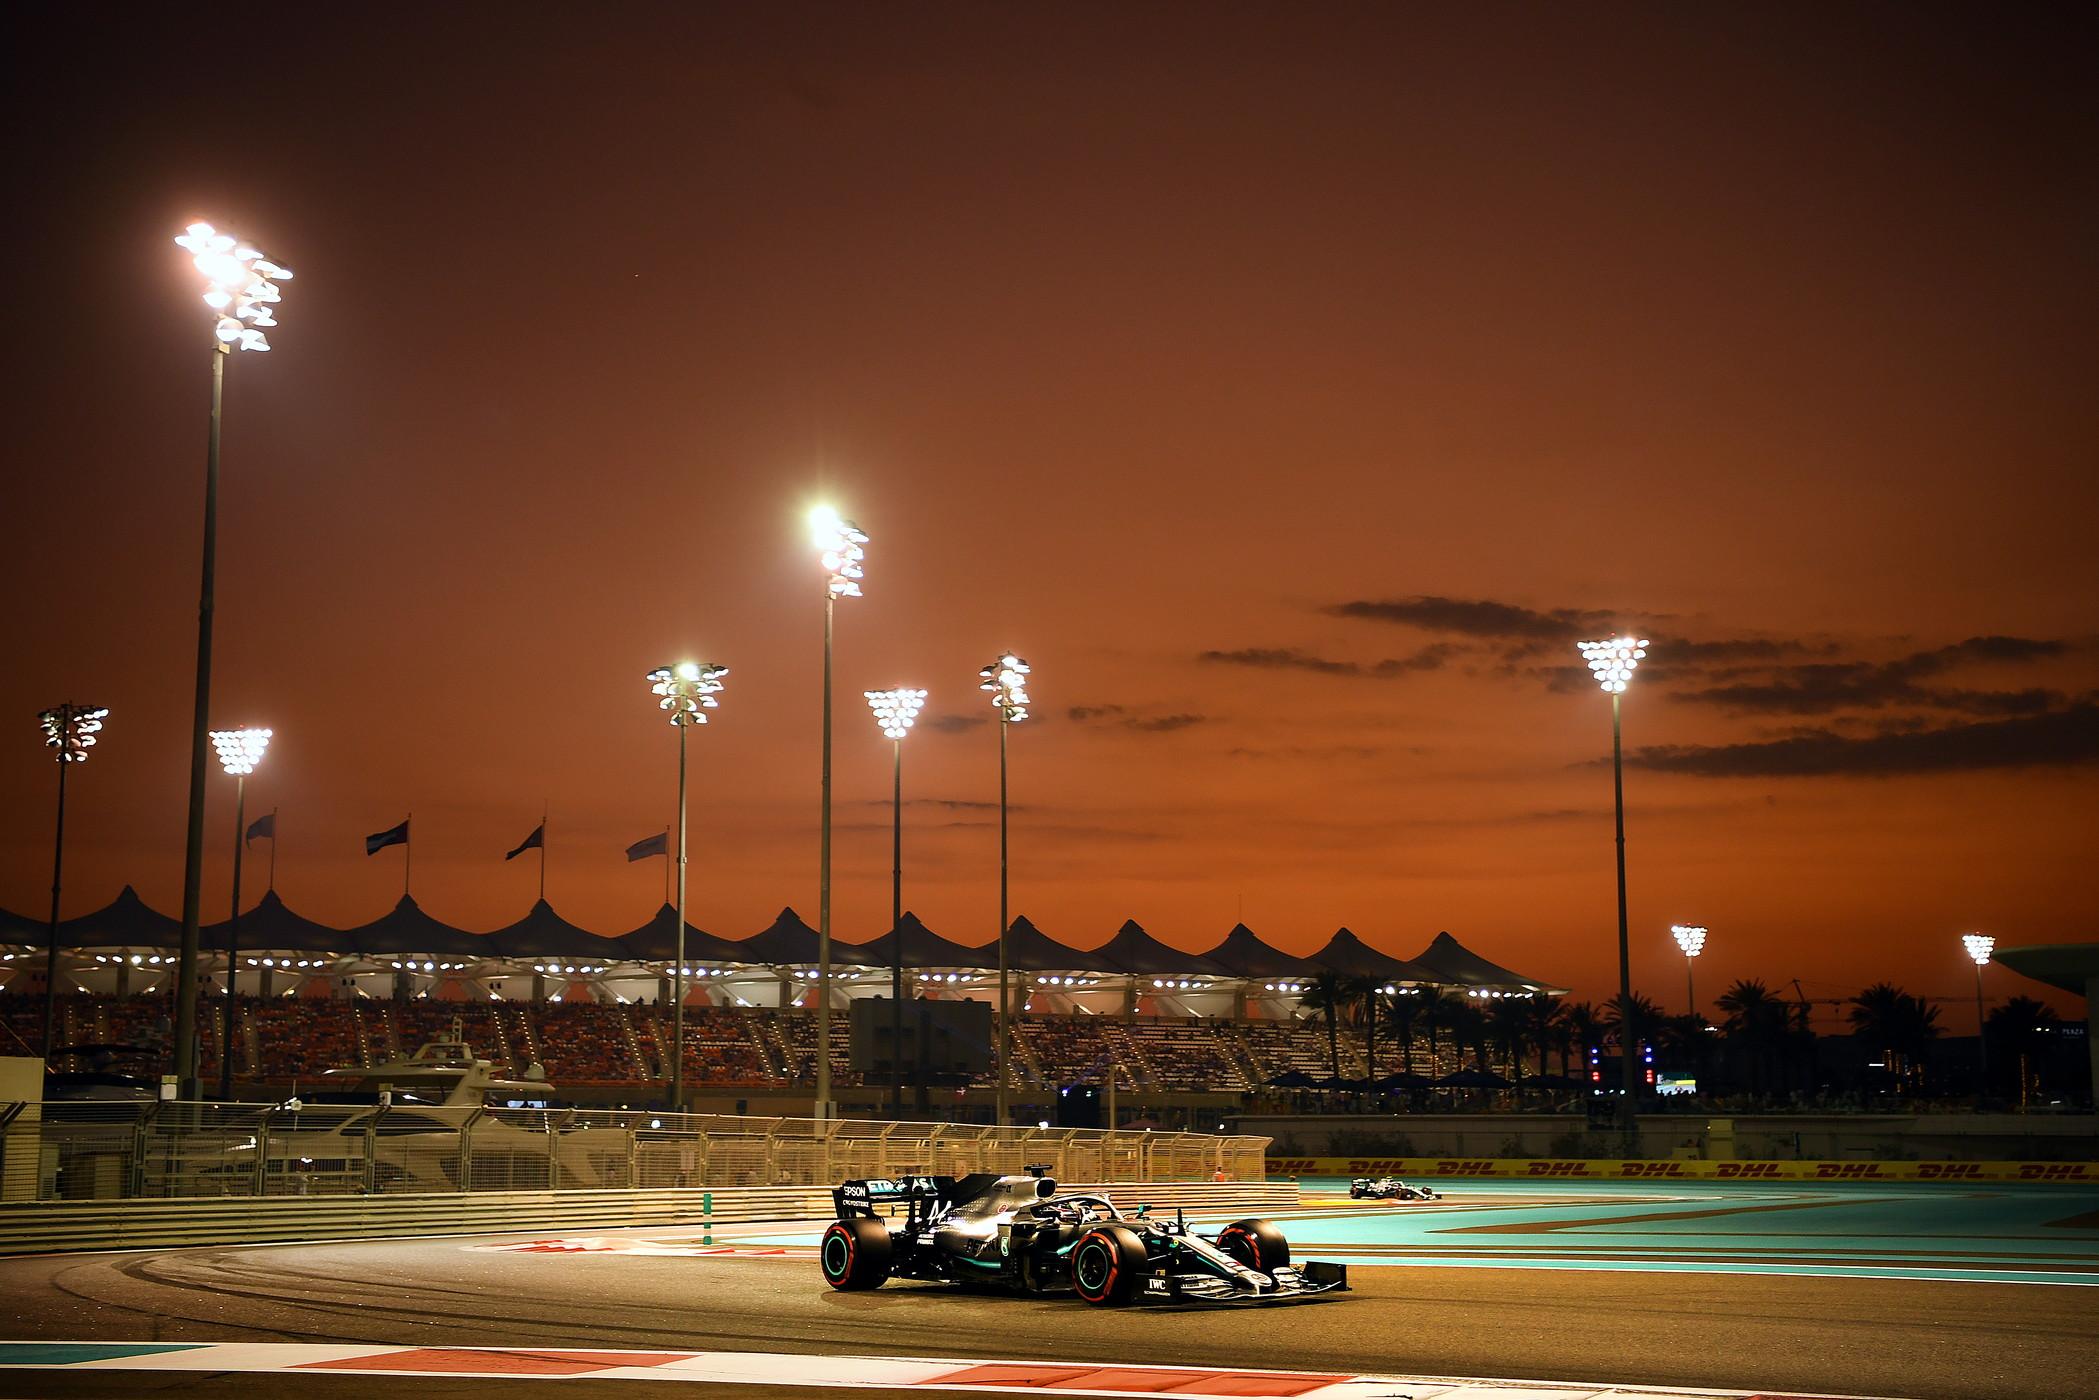 Il pilota Mercedes domina le qualifiche ad Abu Dhabi